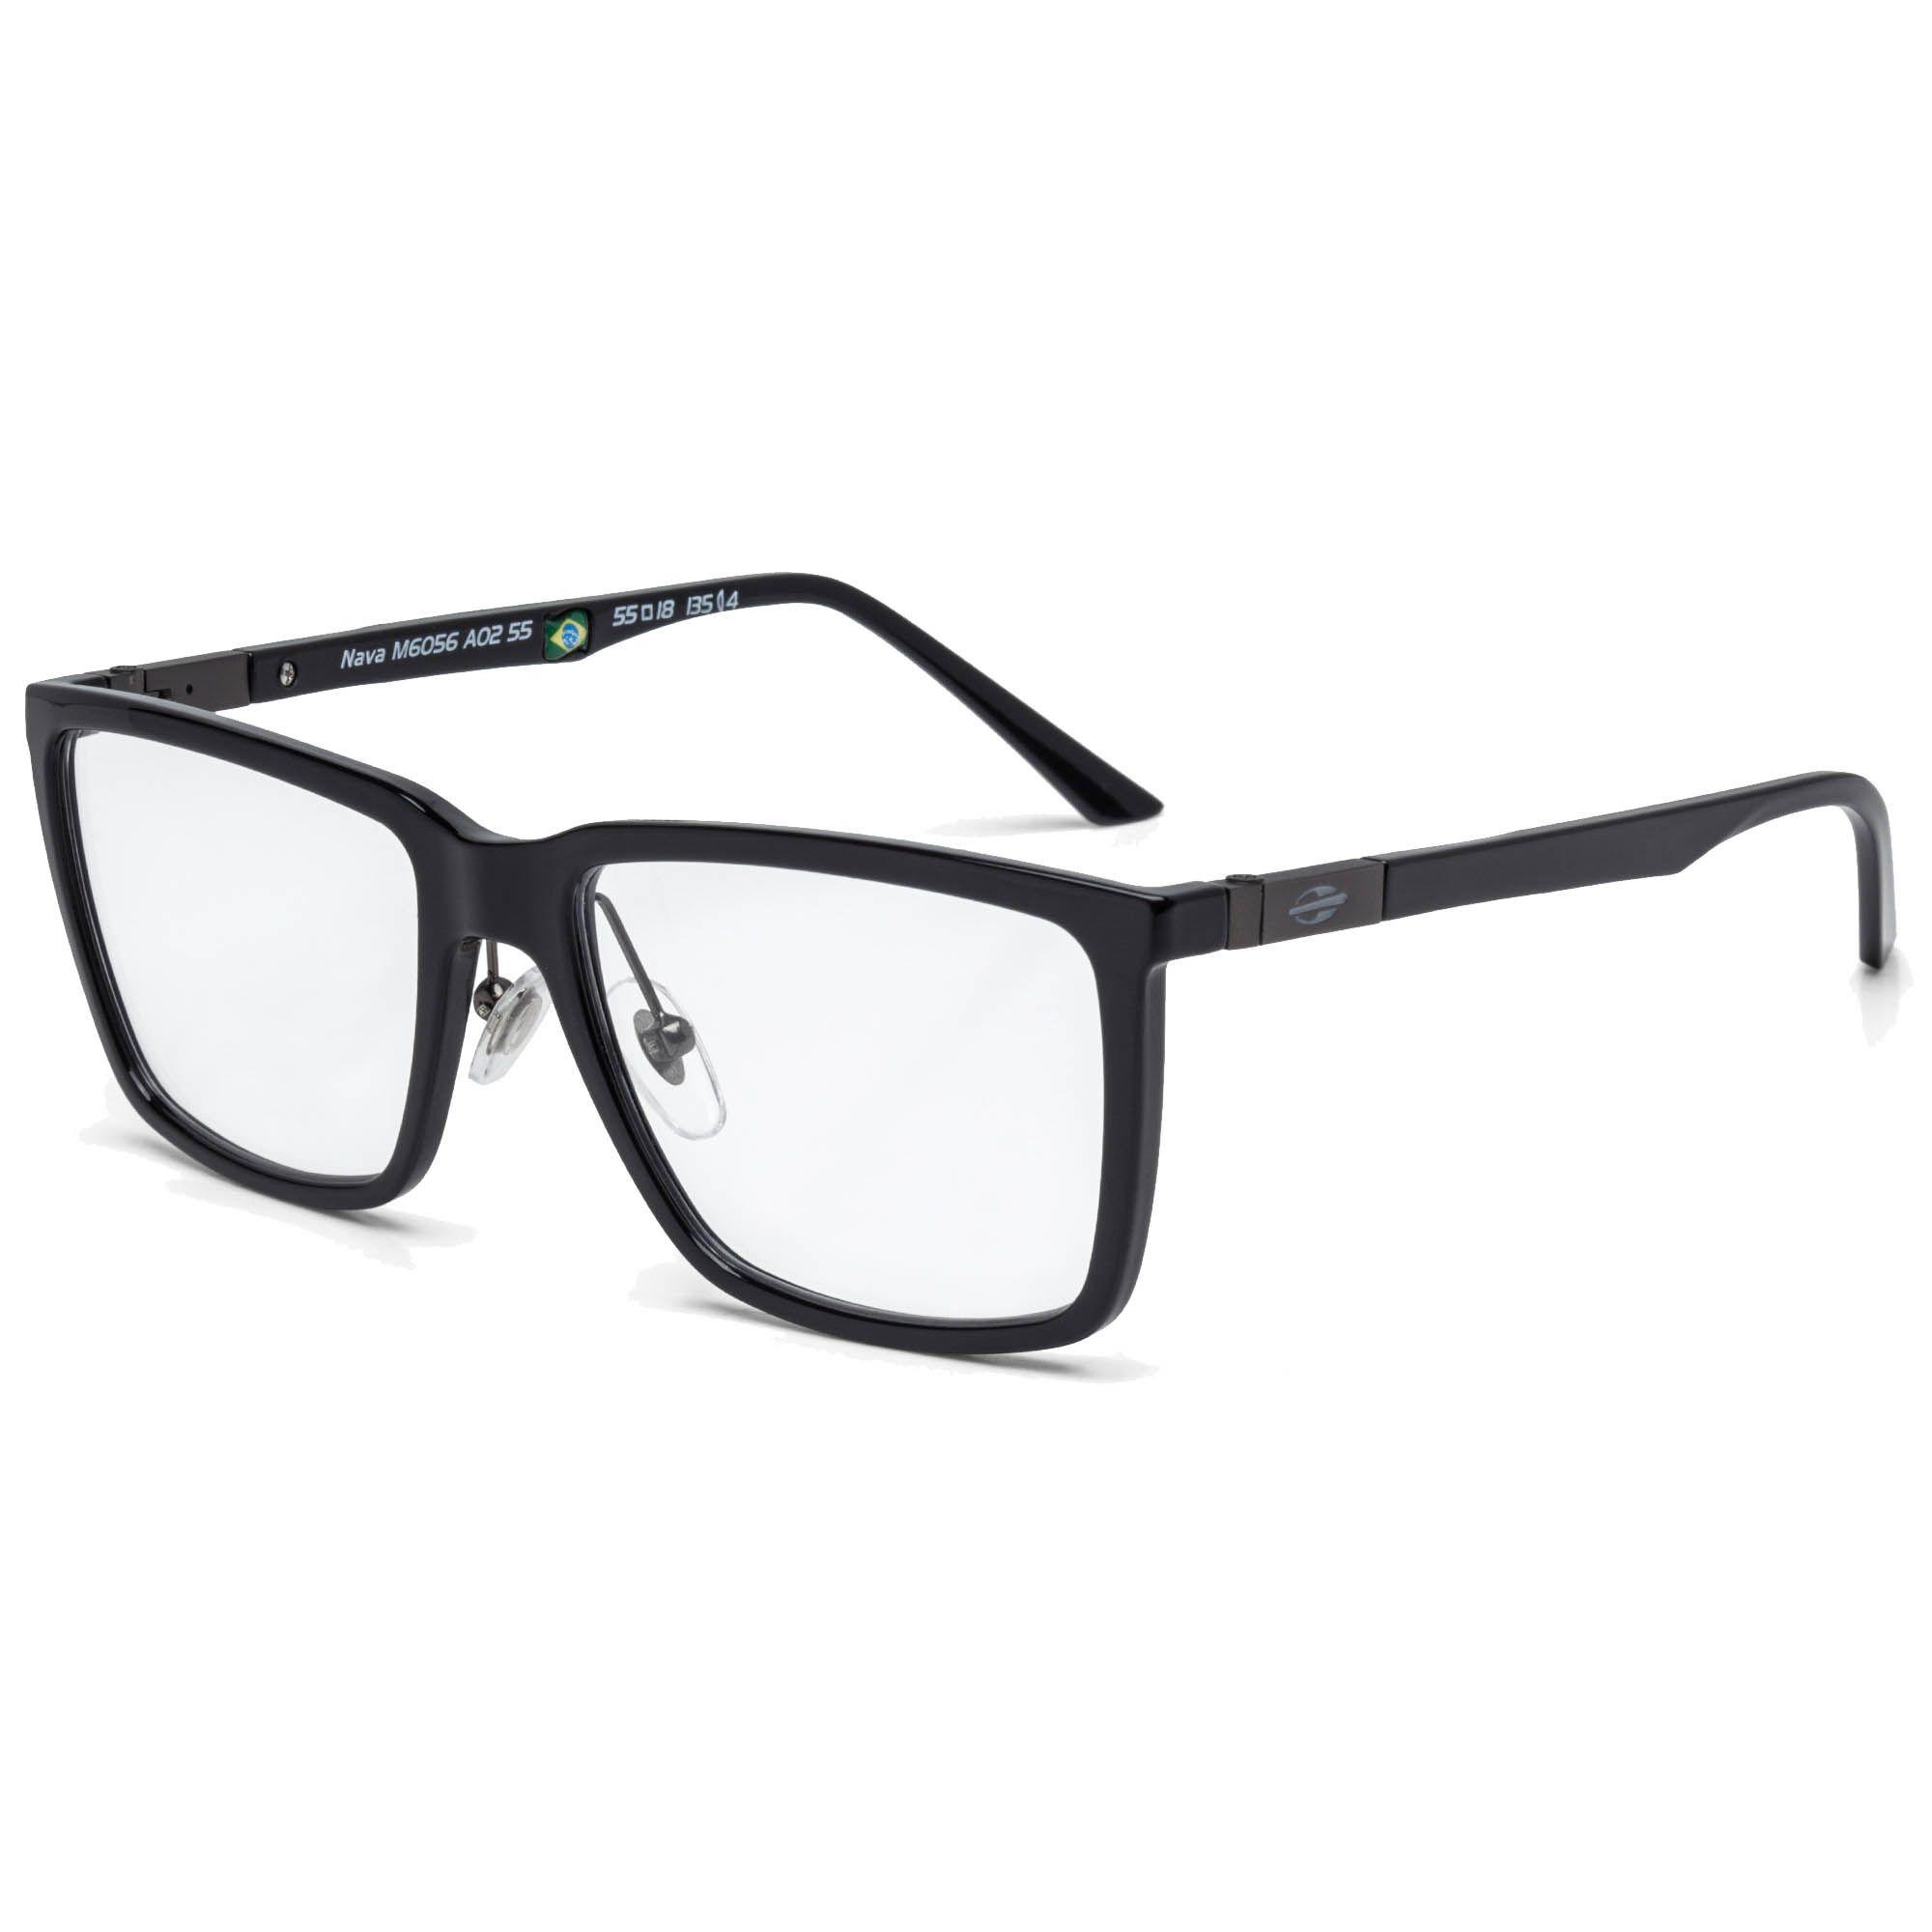 Óculos de Grau Masculino Mormaii Nava M6056A0255